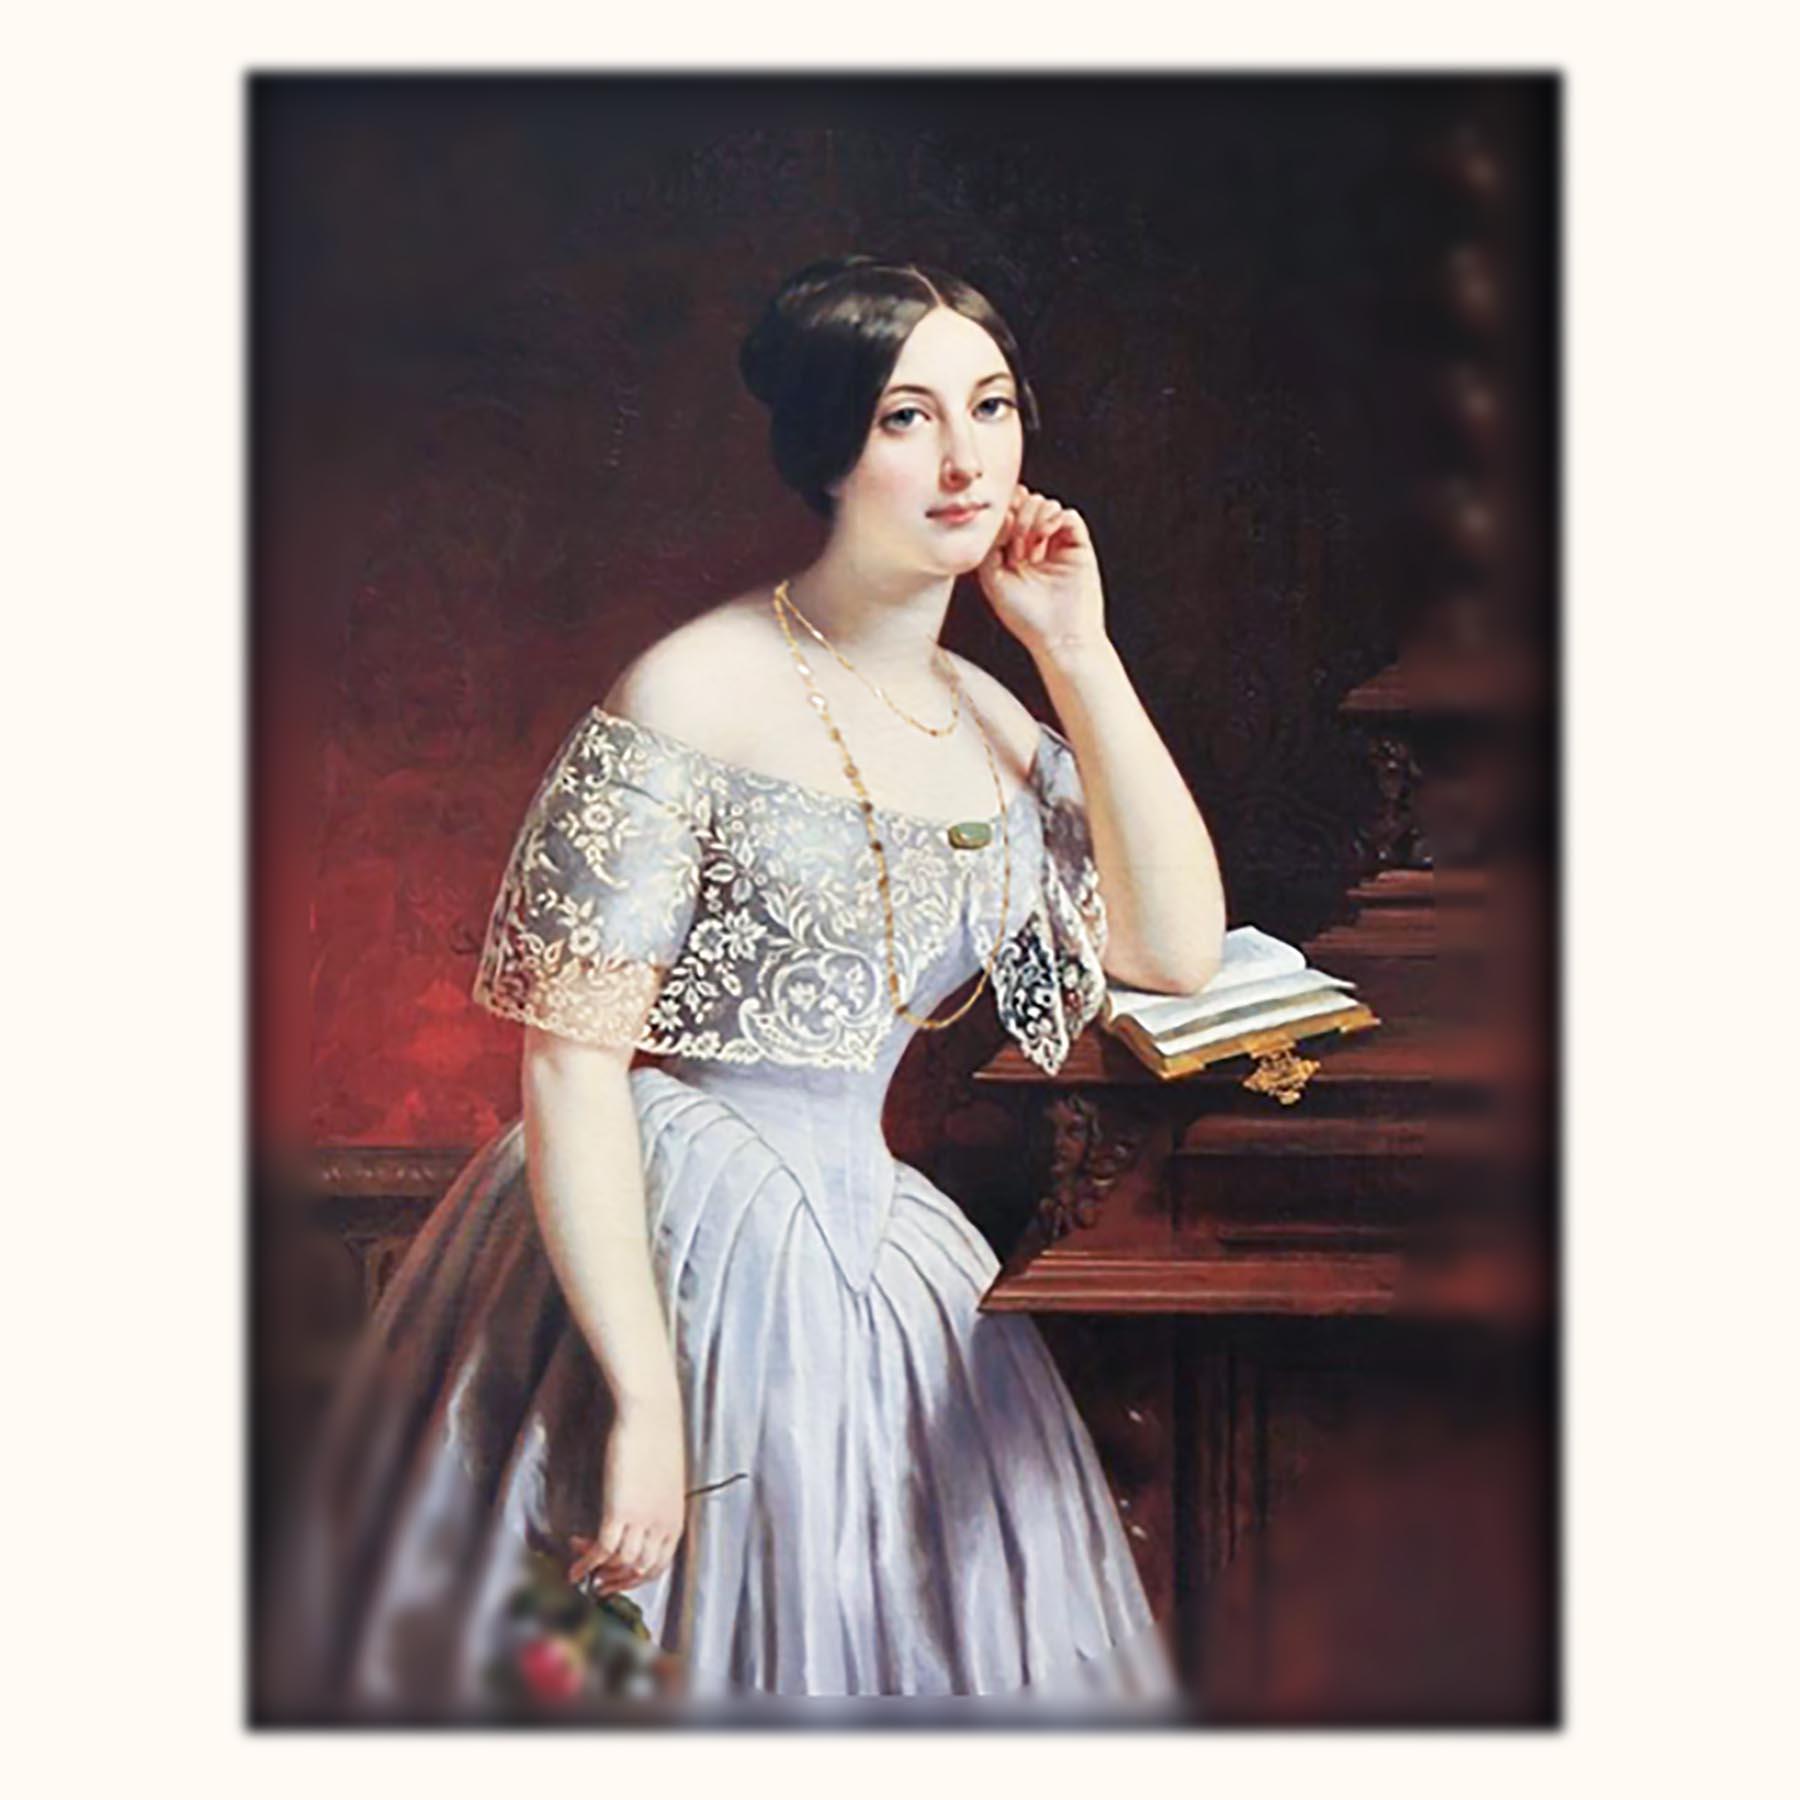 19世紀フランスアンティークジュエリーのロングネックレスをつける貴婦人像